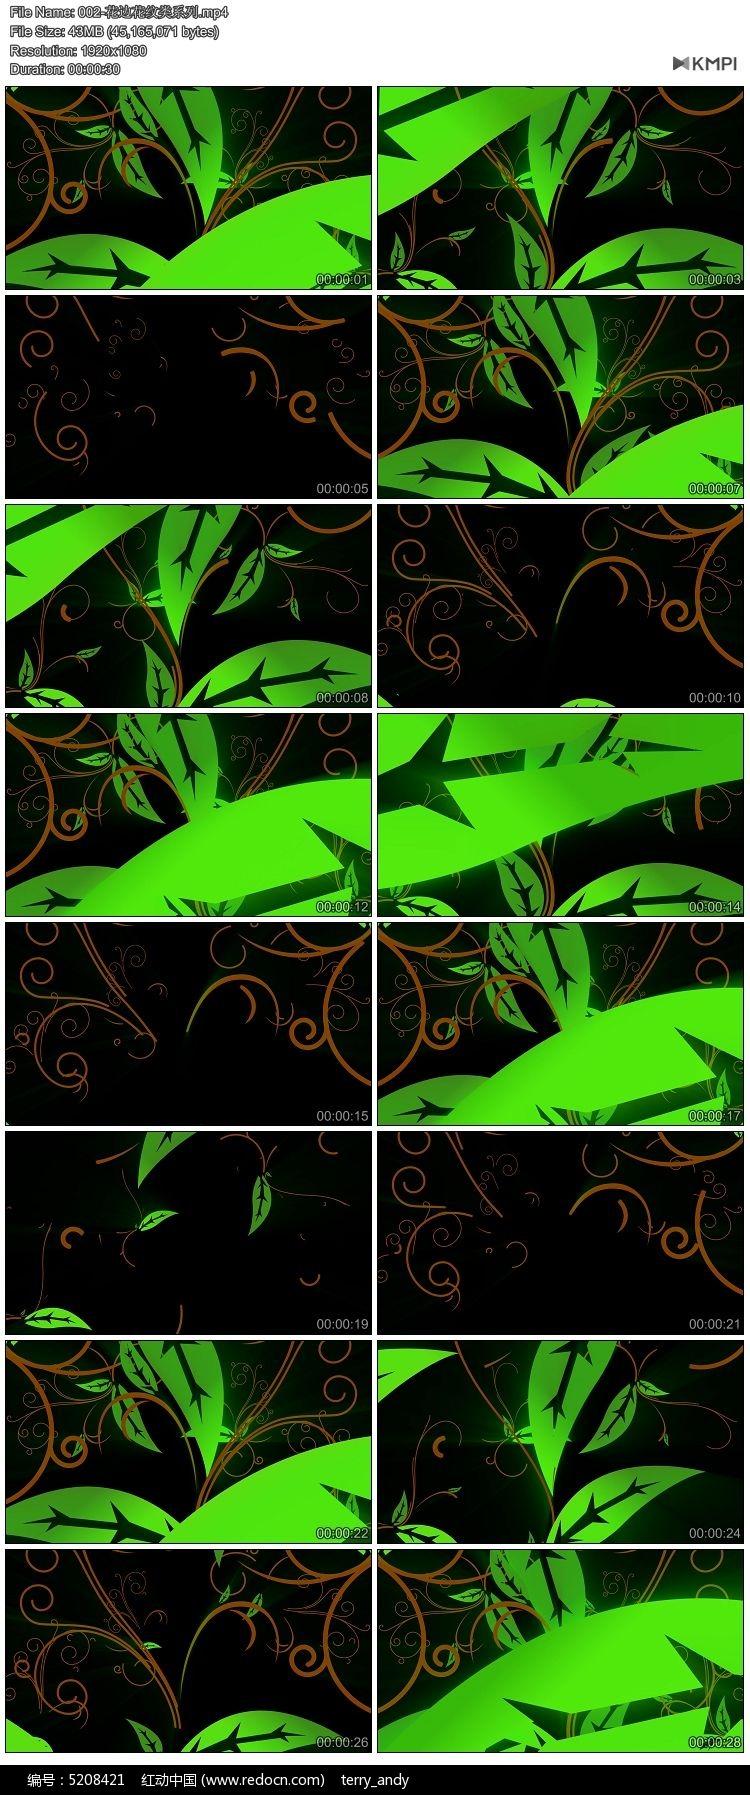 绿色矢量图花藤花边花纹循环播放高清视频舞蹈模特素材图片